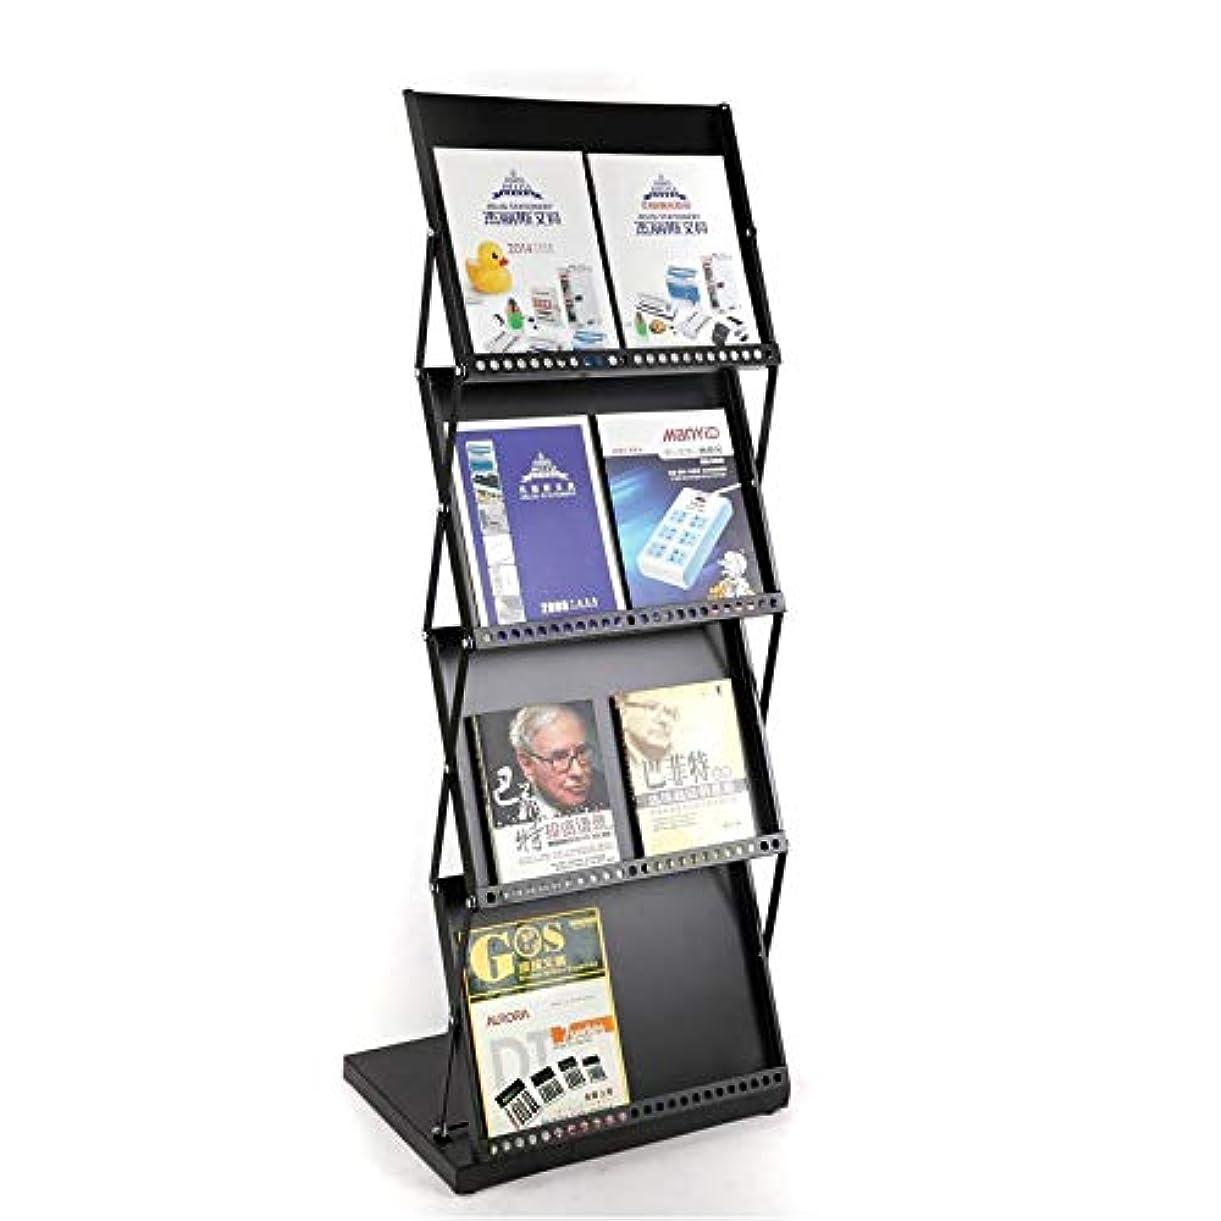 最も早いメナジェリー飼い慣らすLQQGXLFloorディスプレイスタンドポータブル 折りたたみ情報フレーム新聞ラックマガジンラックラックフロア自立ラック 文学スタンド